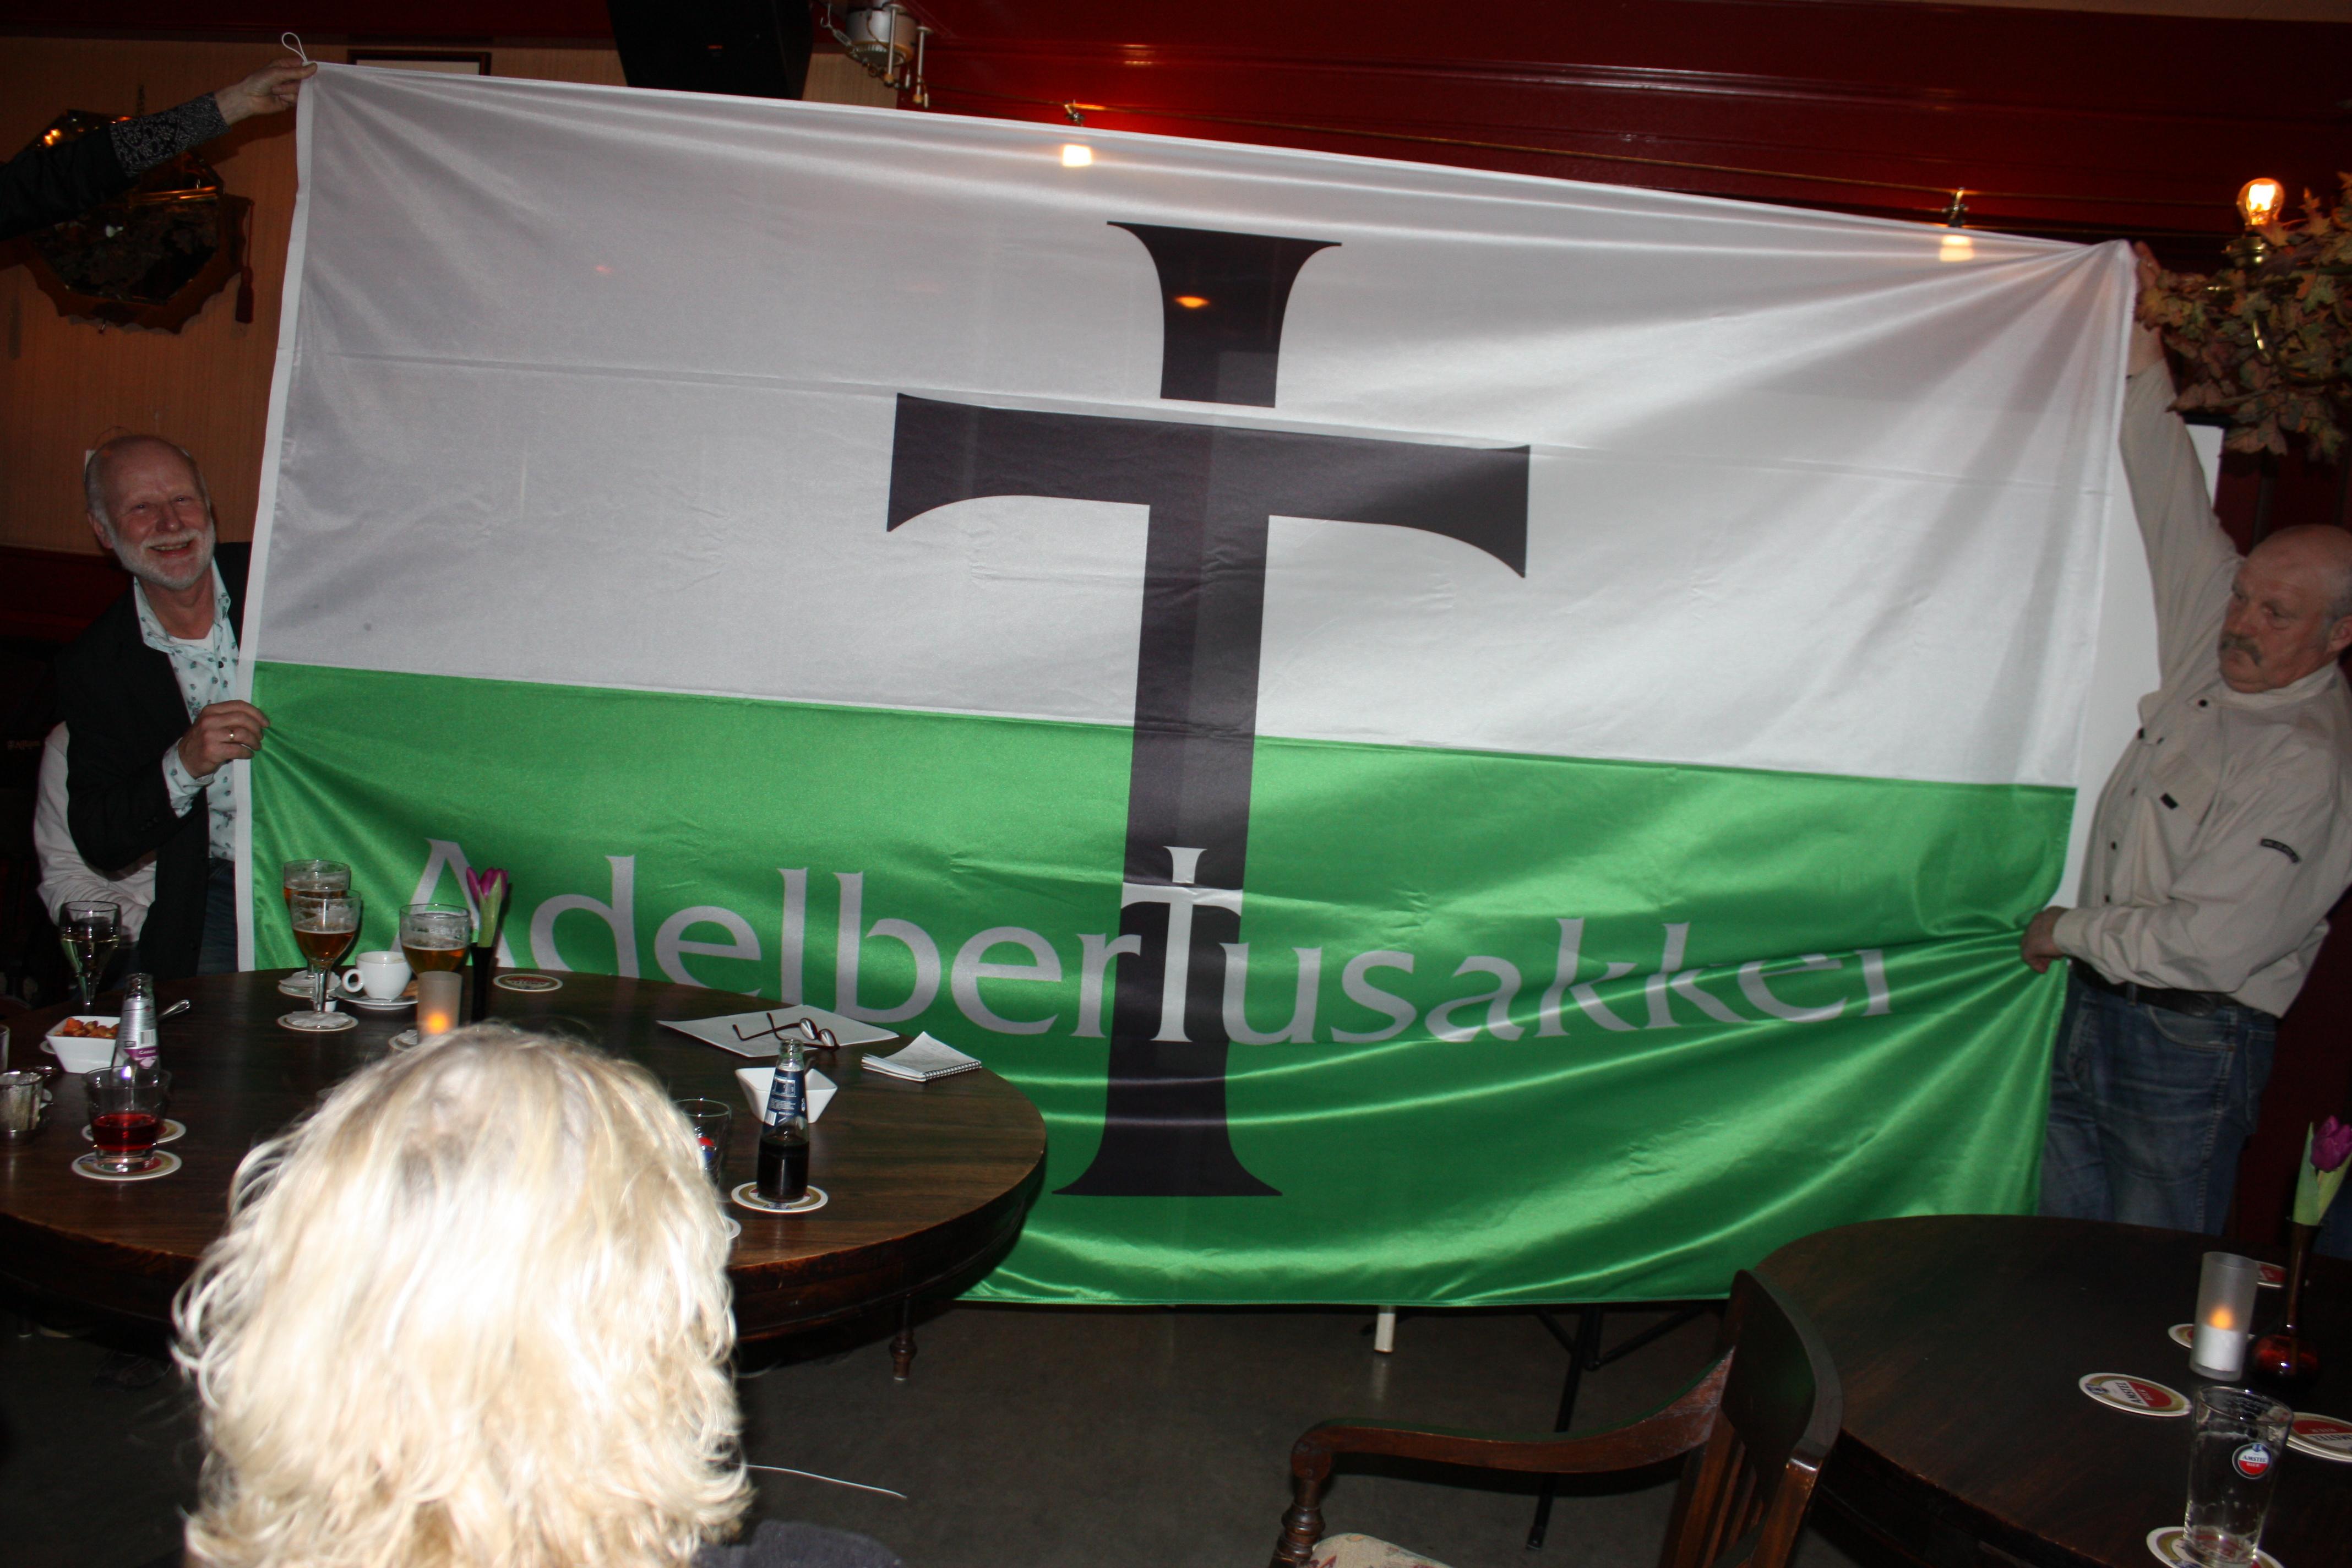 Nieuwe vlag voor Adelbertusakker